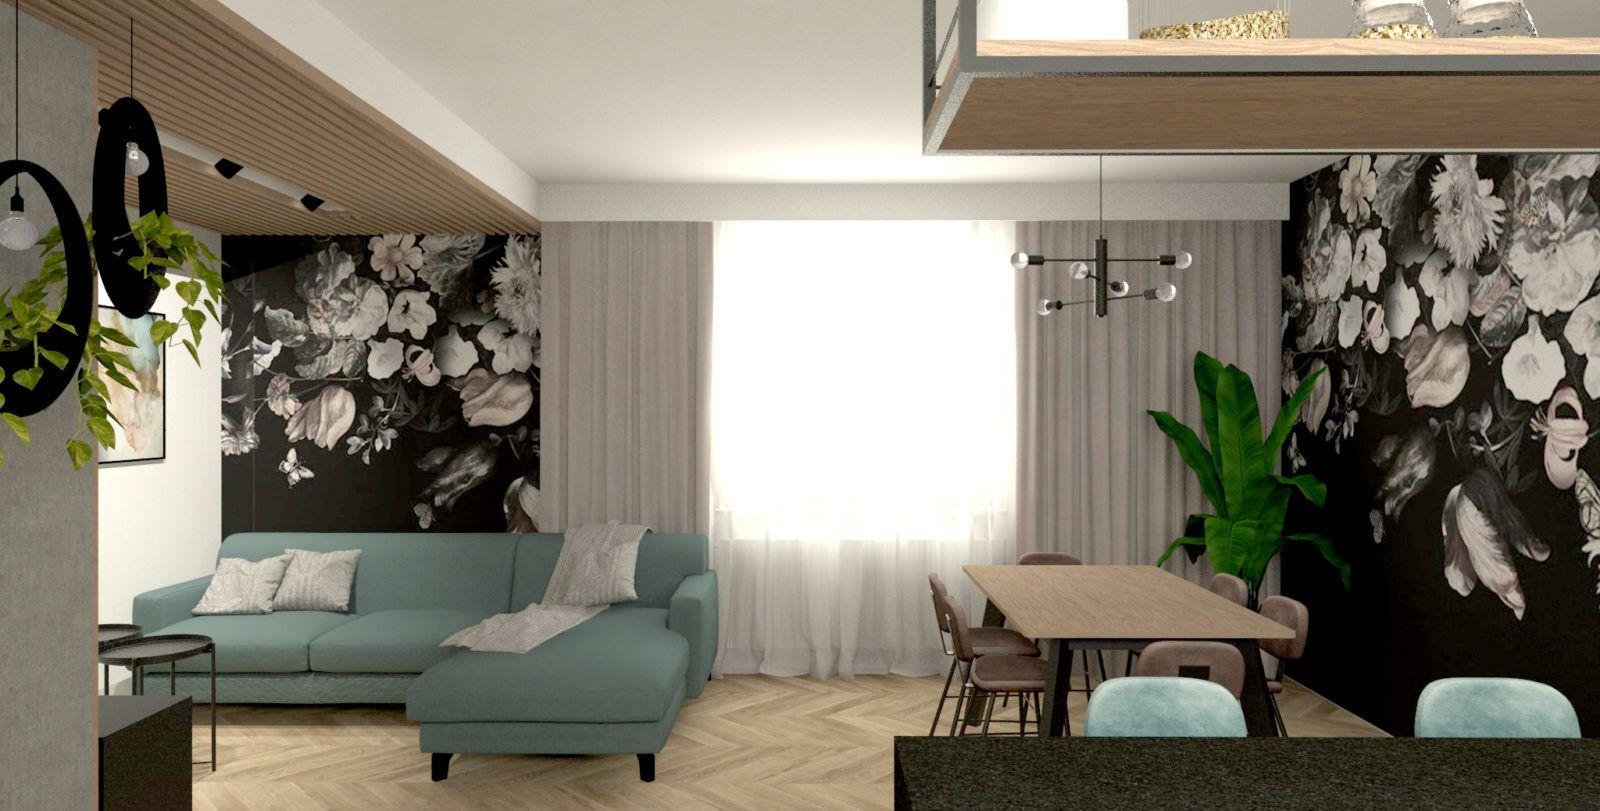 salon z fototapetą w kwiaty i niebieska sofa